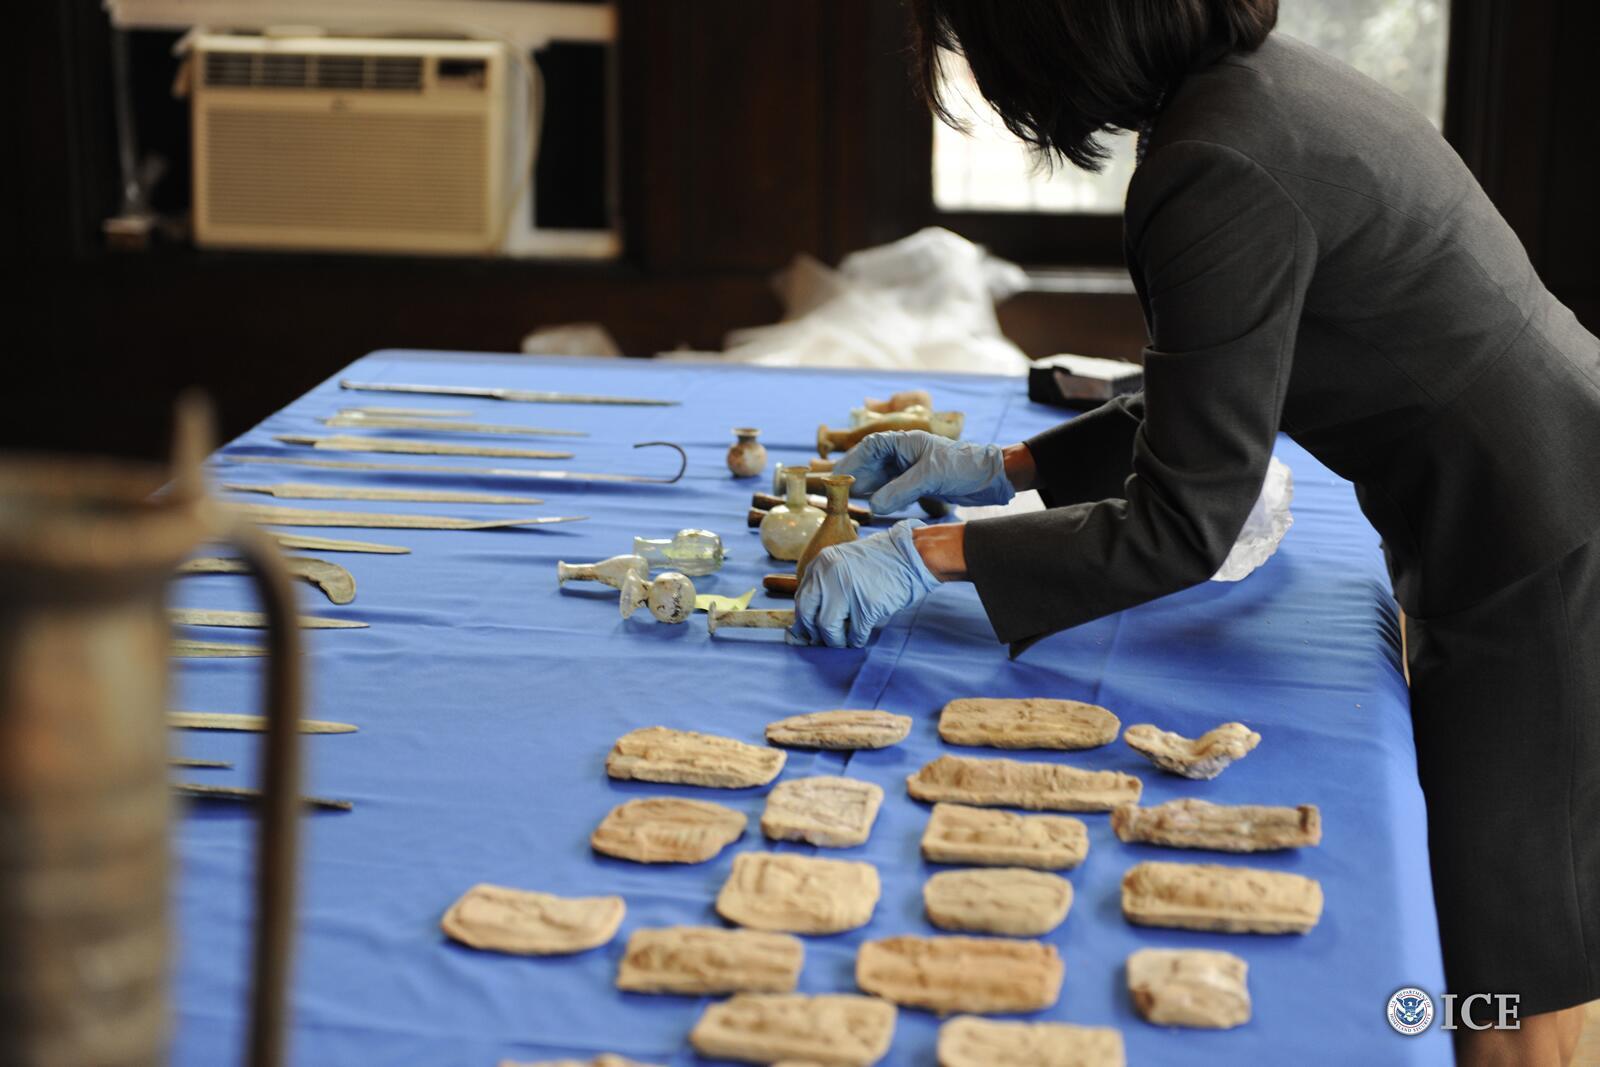 Investigaciones de Propiedad Cultural, Arte y Antigüedades